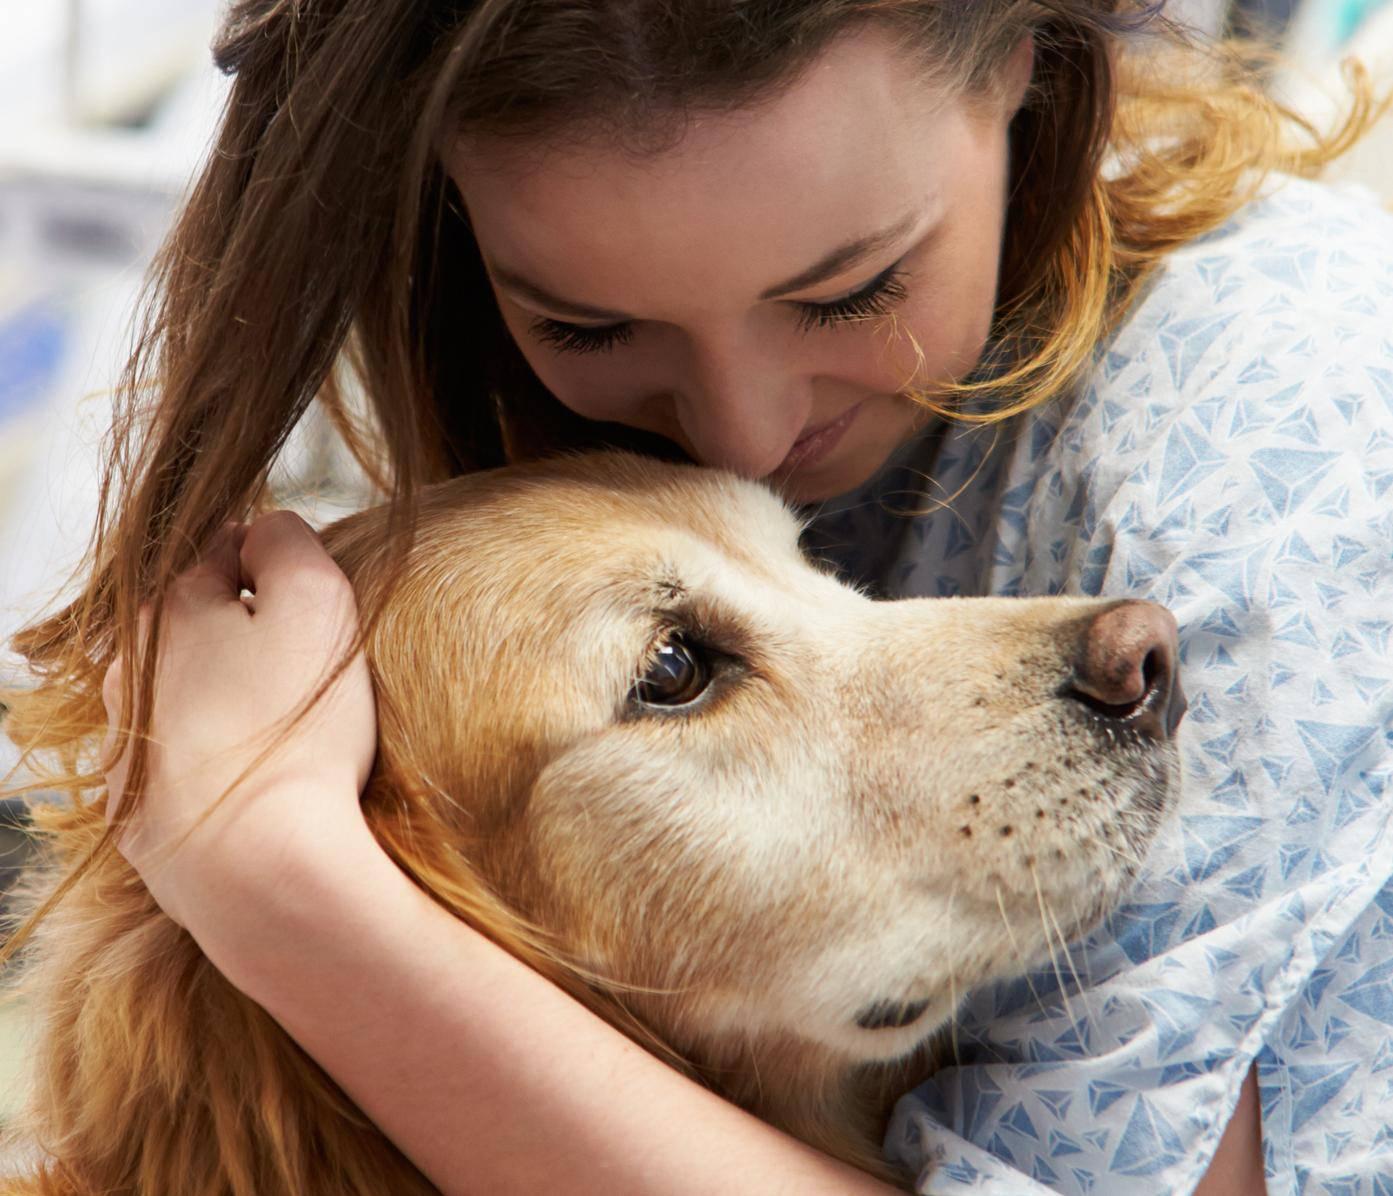 Pojedinci više vole svoju macu ili psa nego druge ljude, zašto?